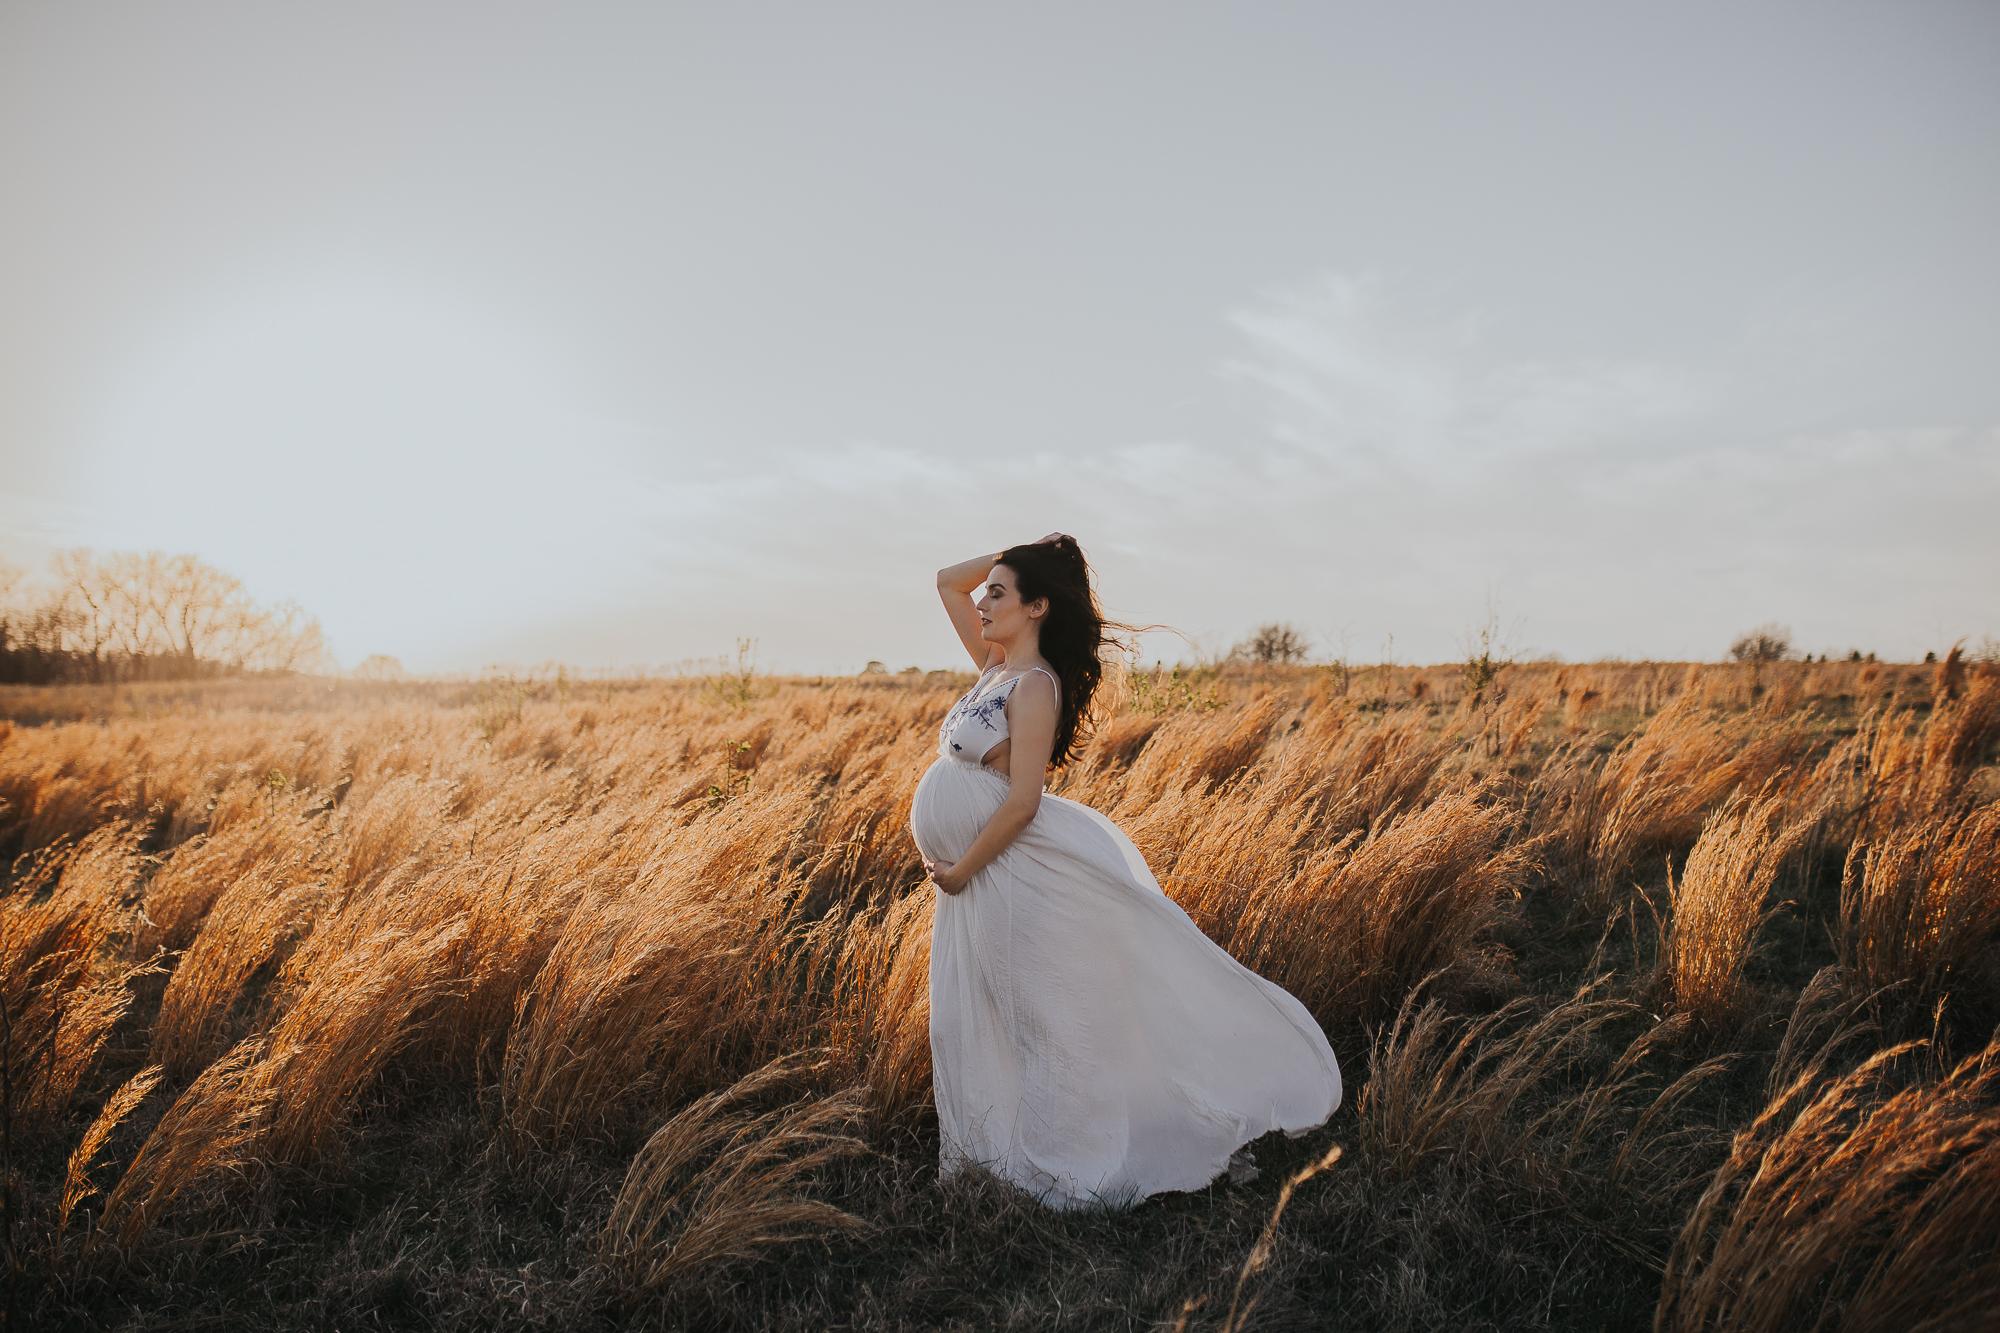 Maternity-Photography-Session-Kansas-City-Jesse-Salter-Photography-3.jpg